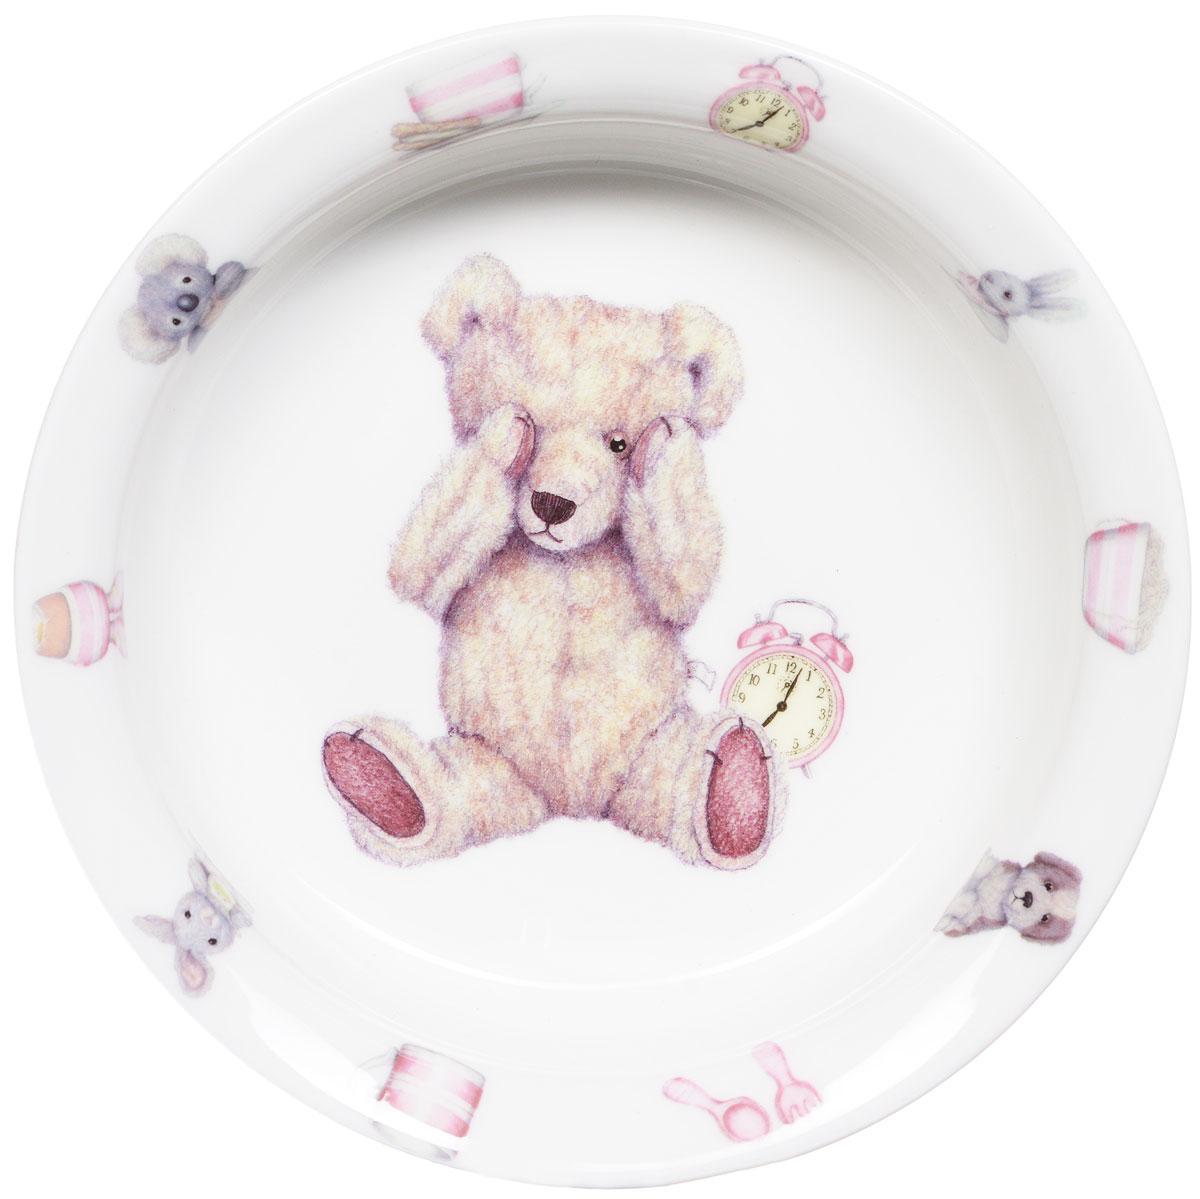 Roy Kirkham Миска Тедди тайм 15,5 см цвет розовыйDP-B10-329Фарфоровая миска Тедди тайм превратит процесс кормления вашего малыша в веселую игру. Очаровательный образ медвежонка Тедди - воплощение английской классики. В коллекции детской посуды и подарочных аксессуаров Тедди тайм английской компании Roy Kirkham, всемирно признанного бренда с более чем 40-летней историей, все предметы изготовлены из тонкостенного костяного фарфора - керамического материала высшего качества, отличающегося необыкновенной прочностью и небольшим весом. Ваш ребенок будет кушать с большим удовольствием, стараясь быстрее добраться до картинки с мишкой Тедди. Отвечает всем требованиям безопасности при контакте с пищей.